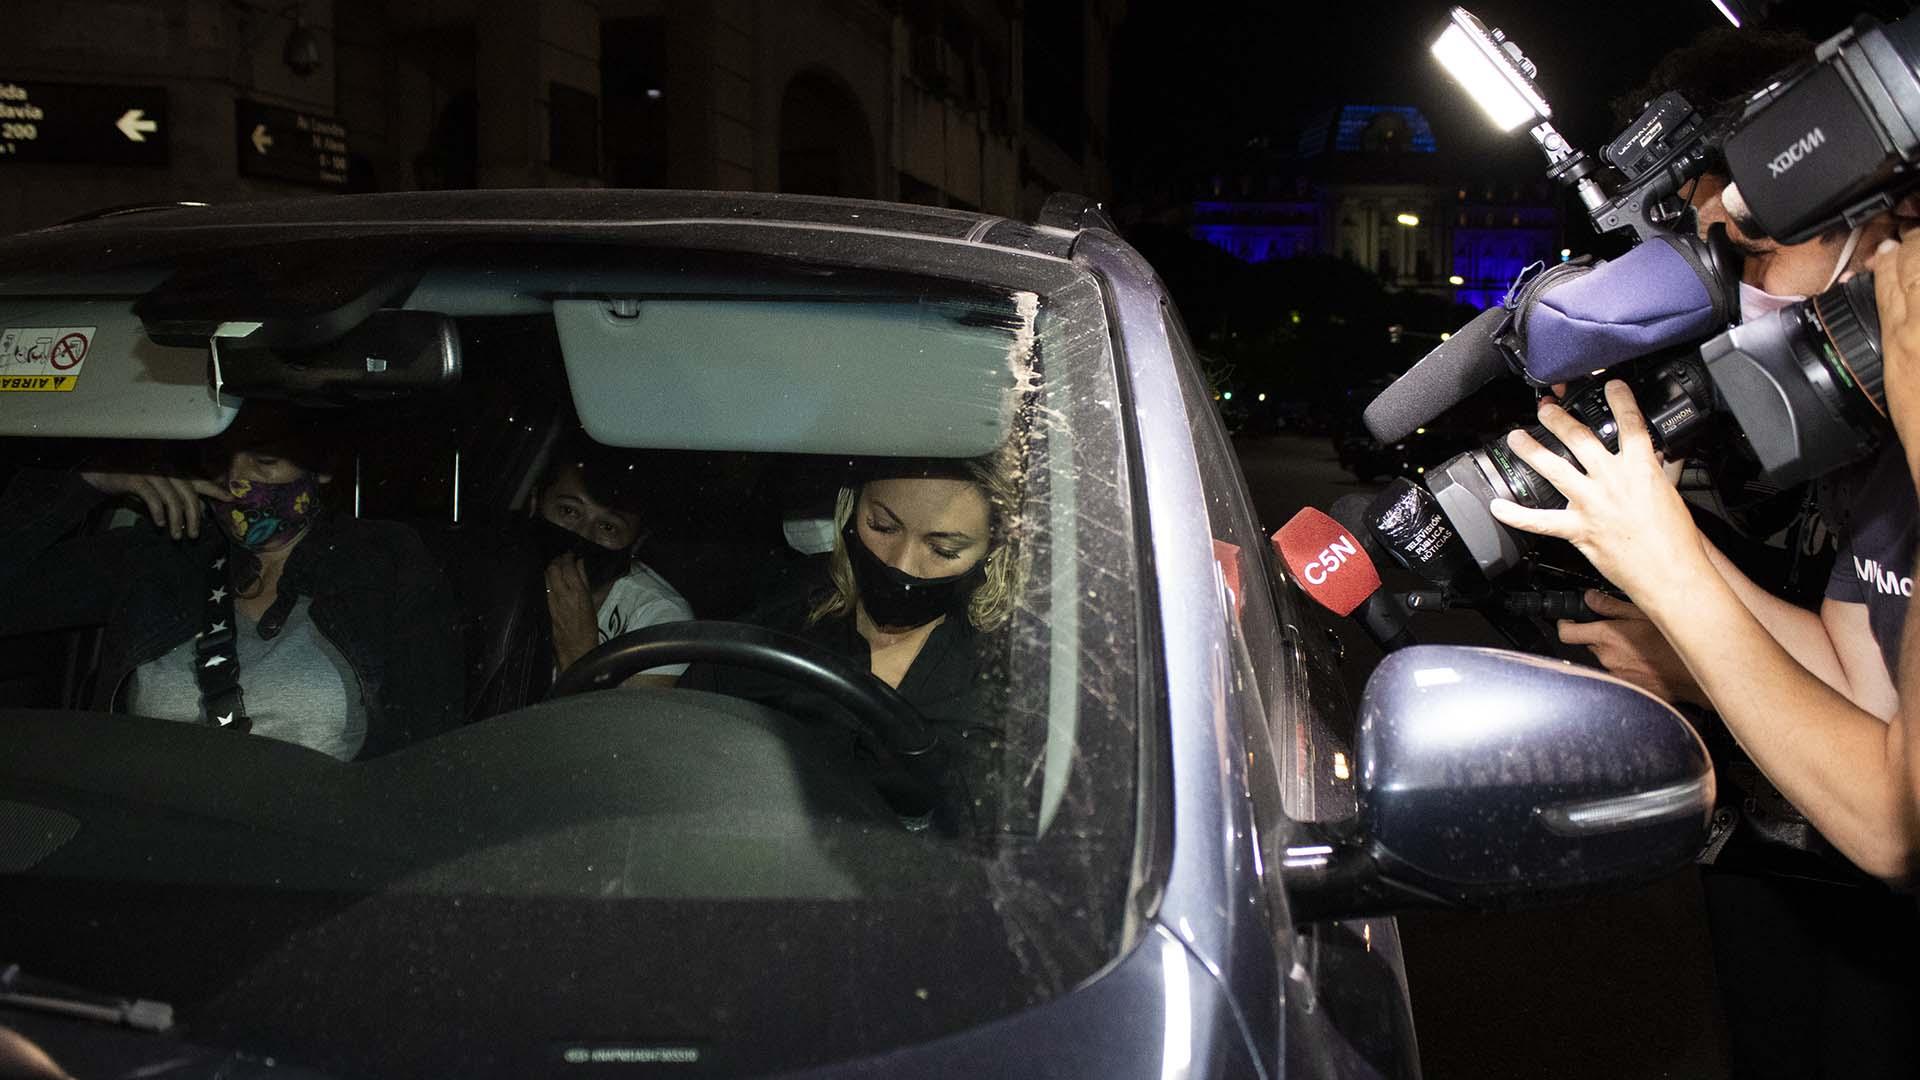 Pasadas las 4.30 de la madrugada, la última pareja de Diego se retiró en su auto